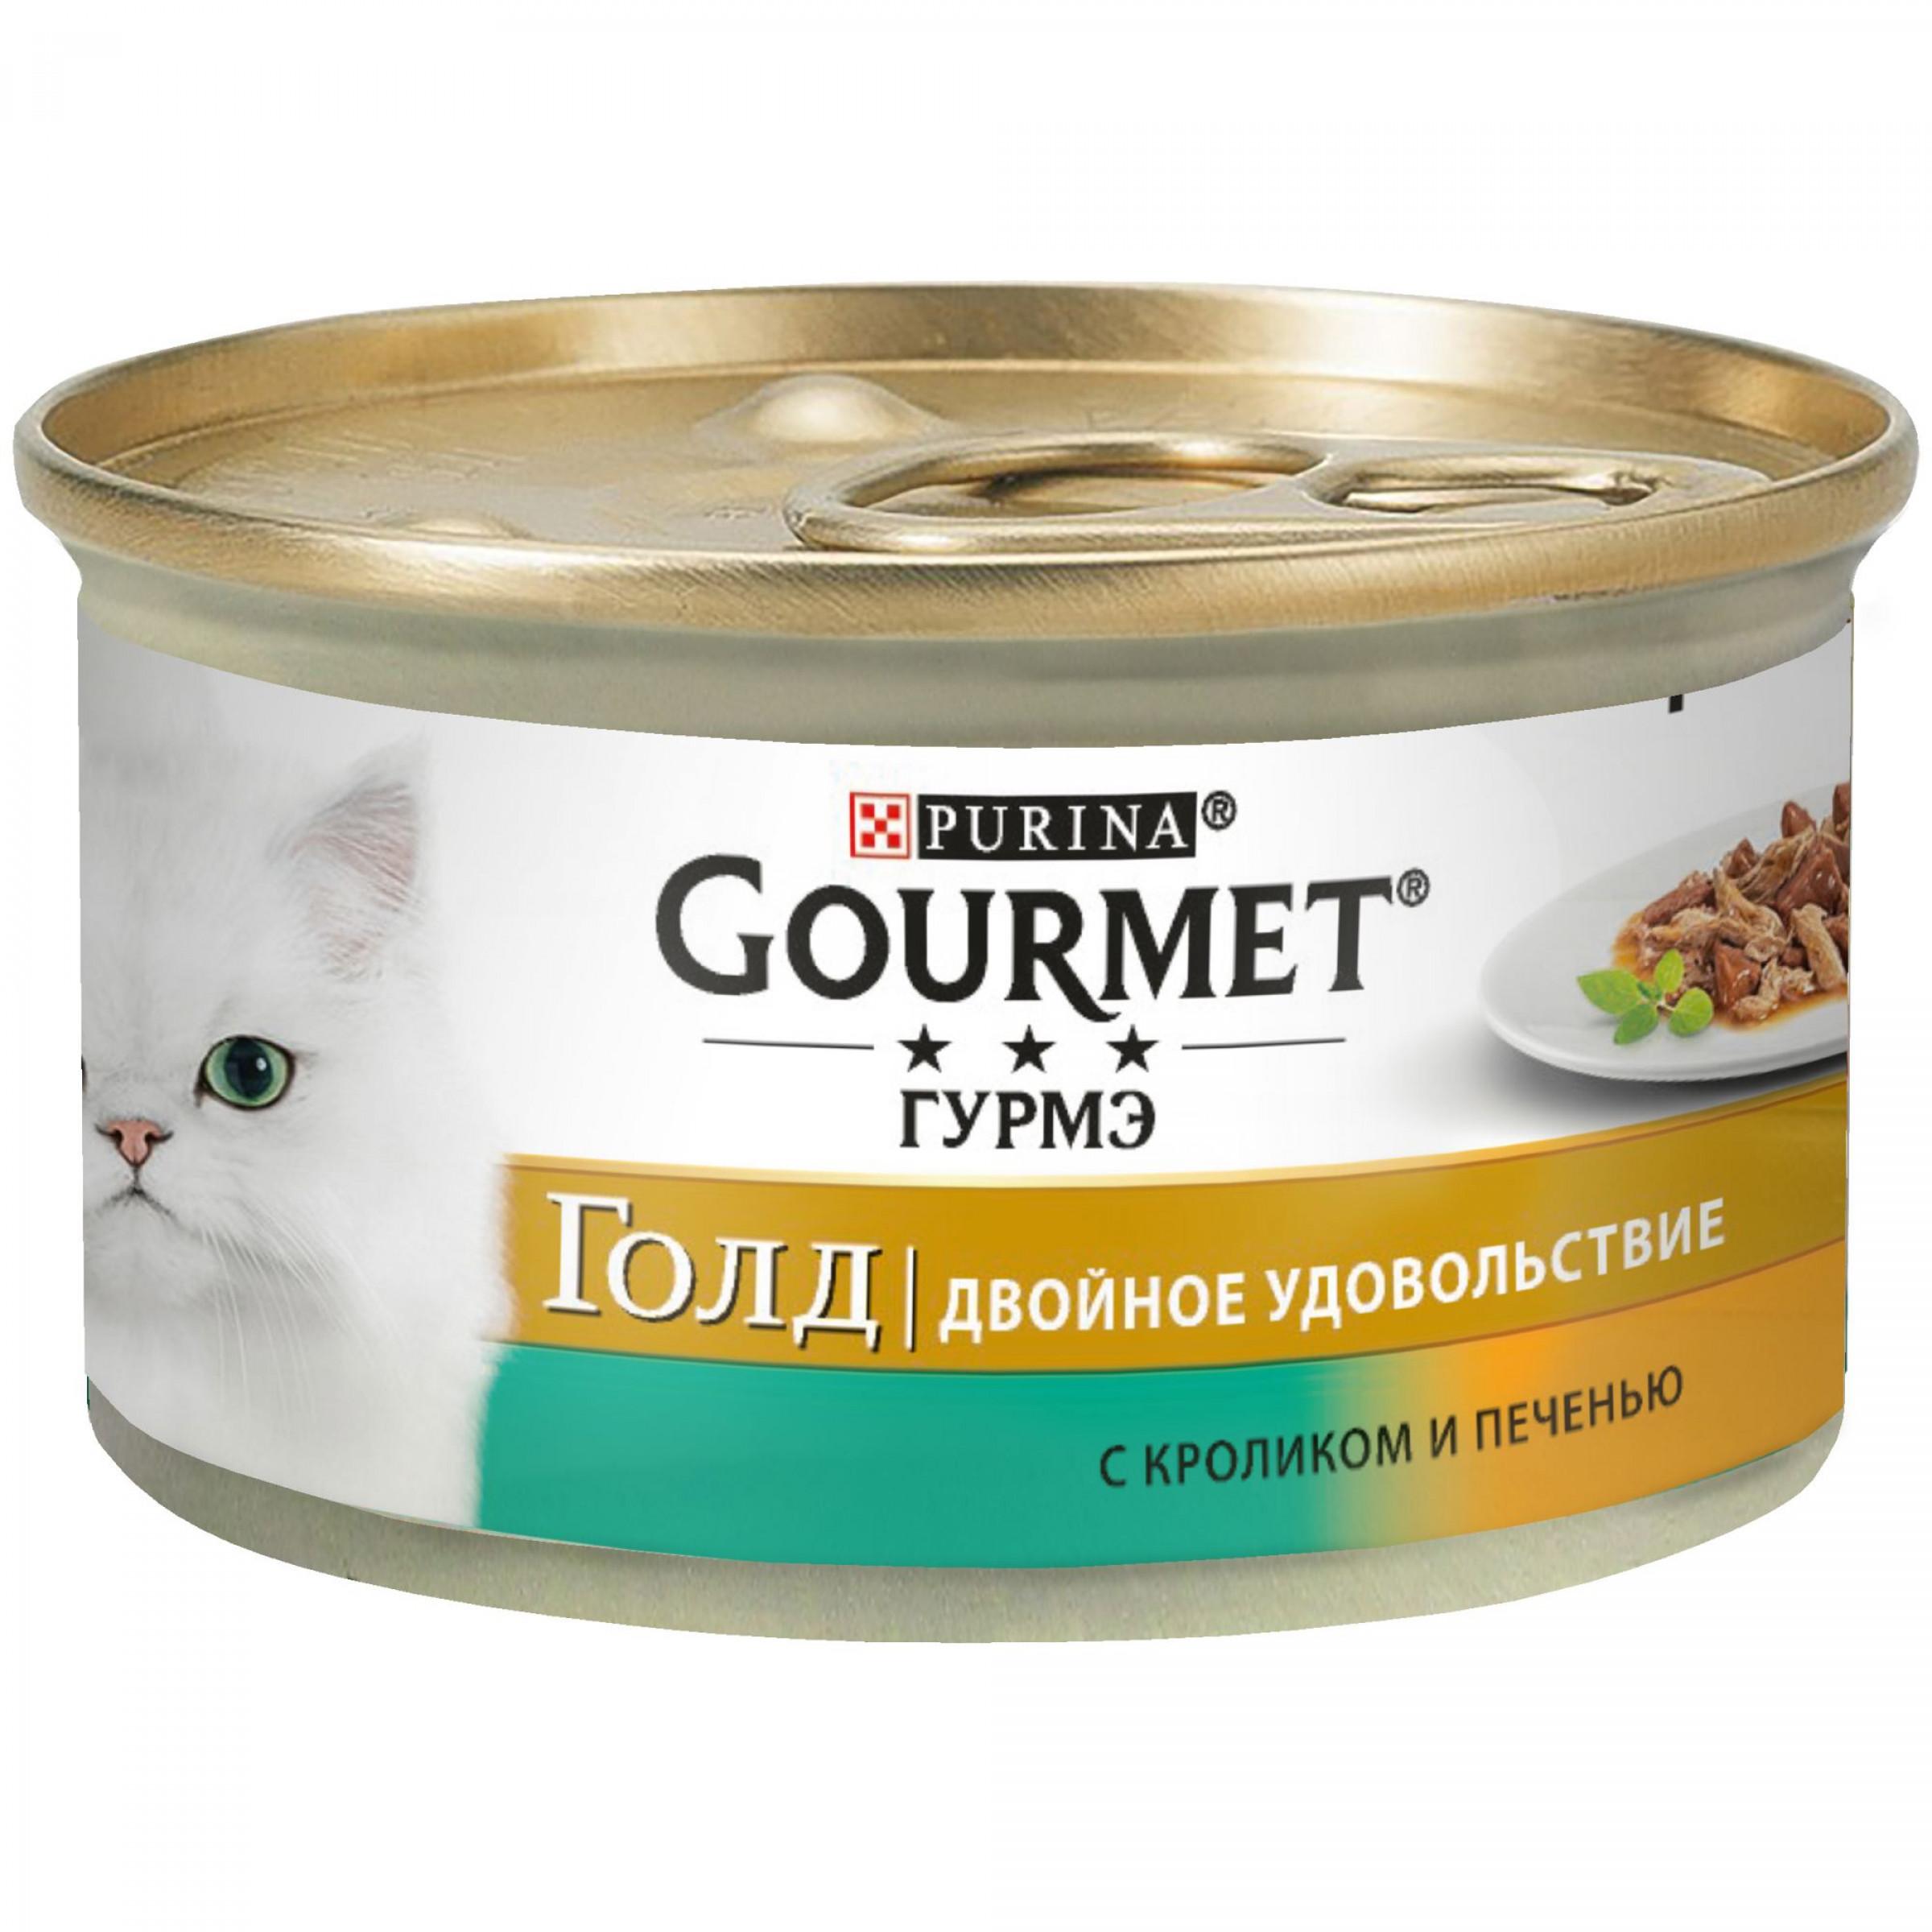 Влажный корм для кошек GOURMET Gold Duo кусочки в соусе кролик и печень, 85 гр